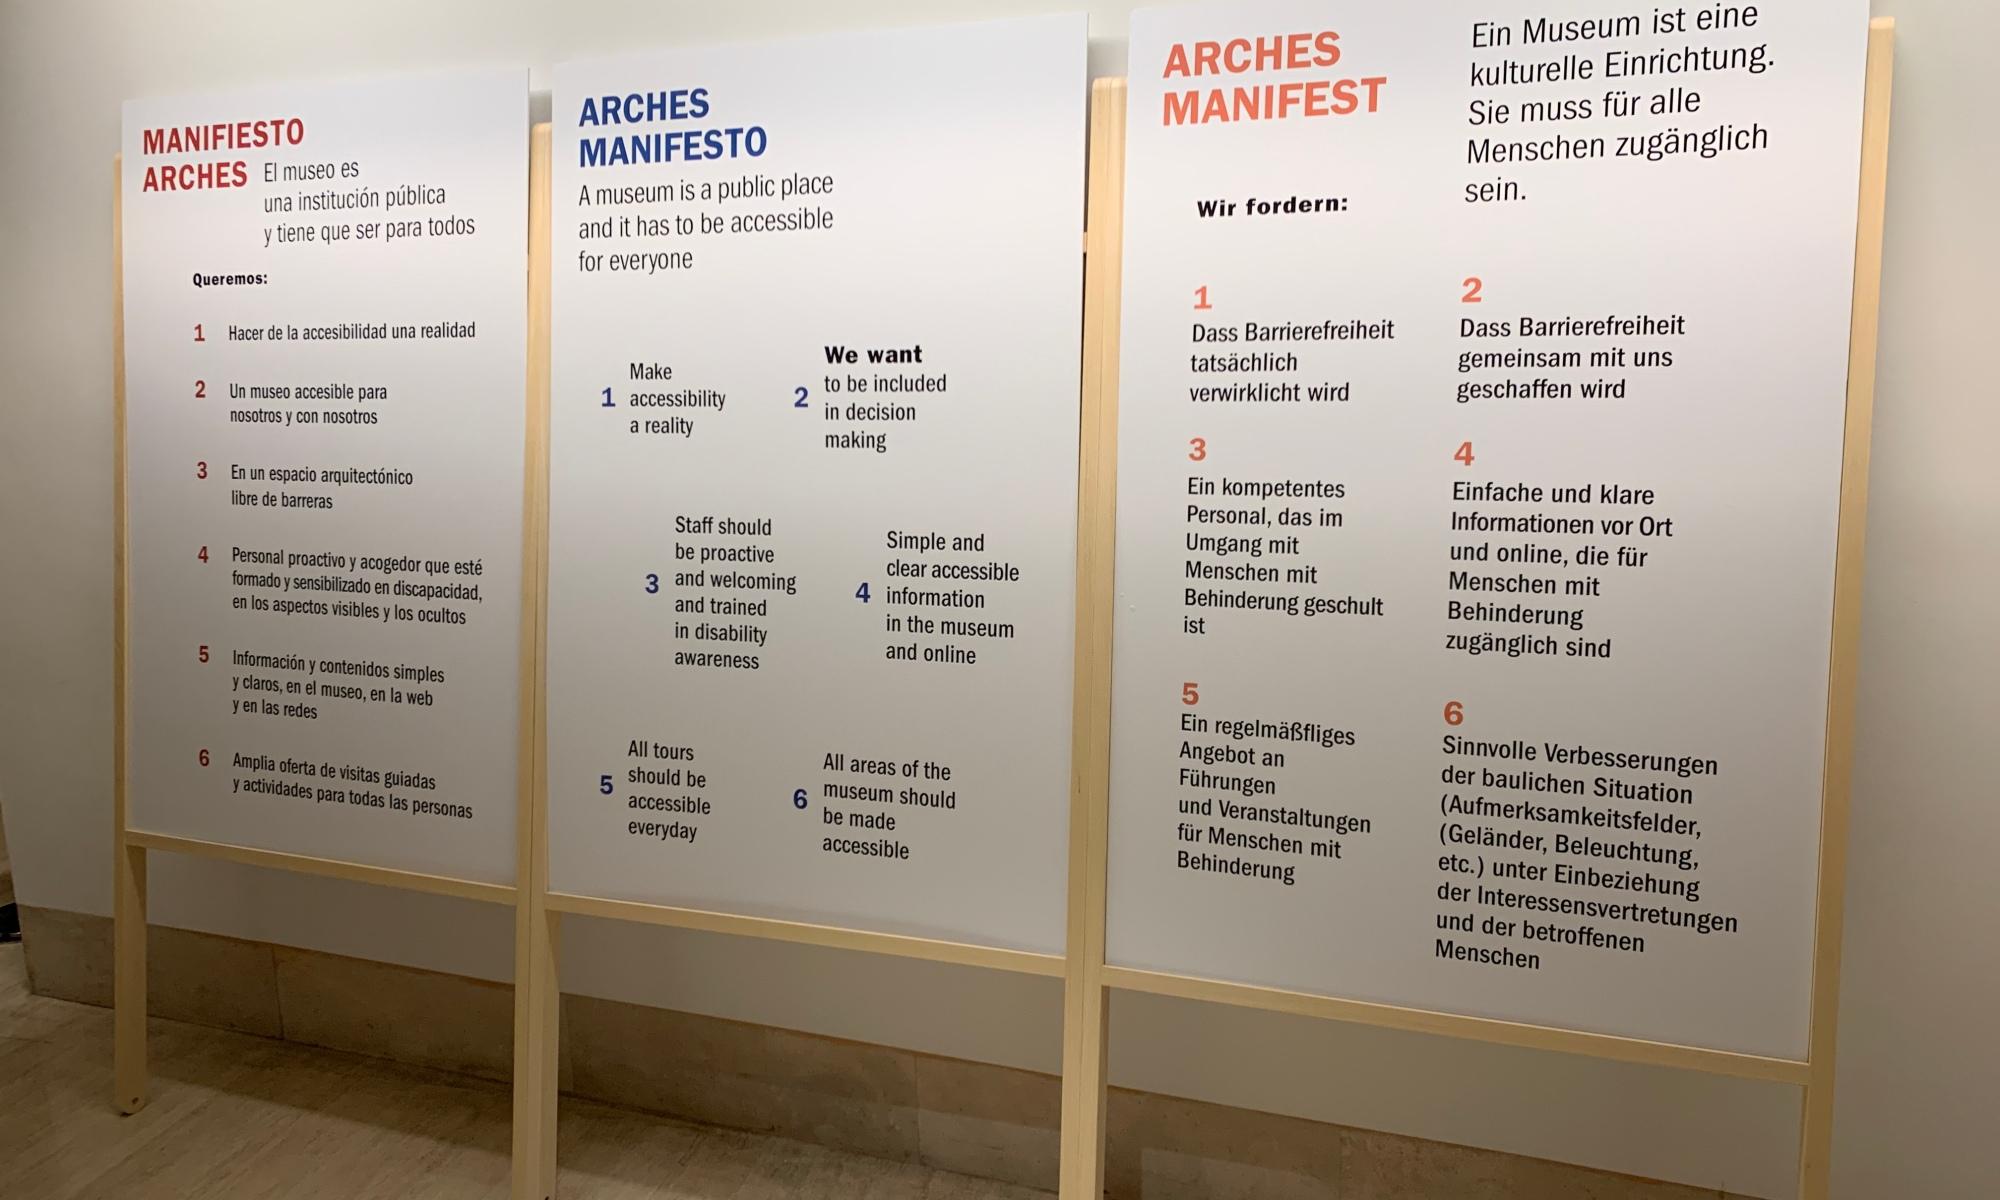 ARCHES MANIFESTO IN THREE LANGUAGES